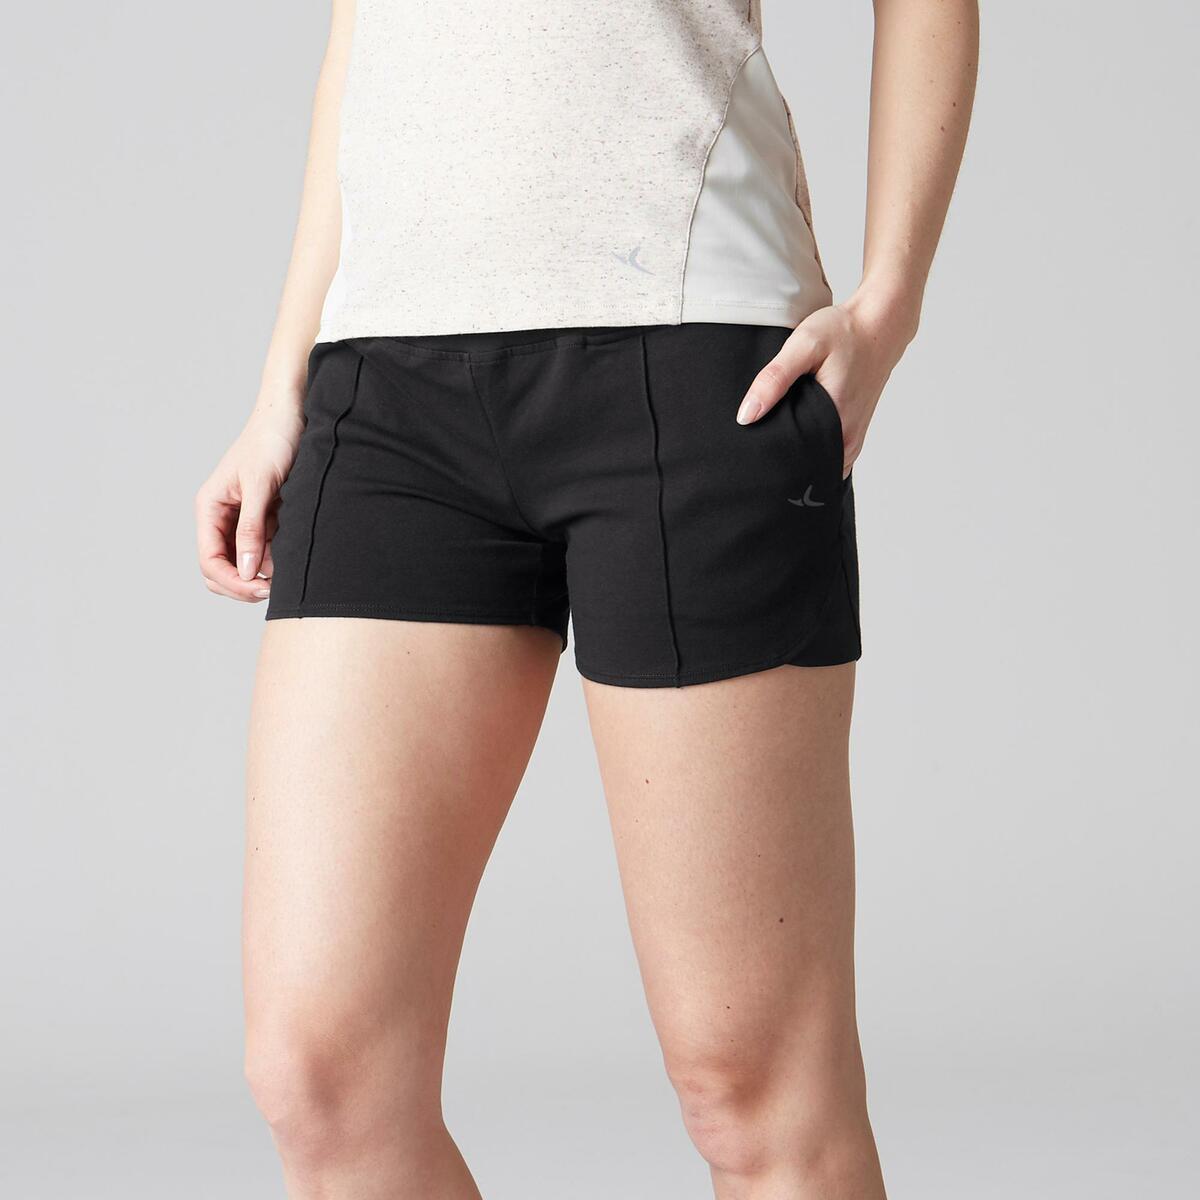 Bild 2 von Sporthose kurz 520 Gym Stretching Damen schwarz